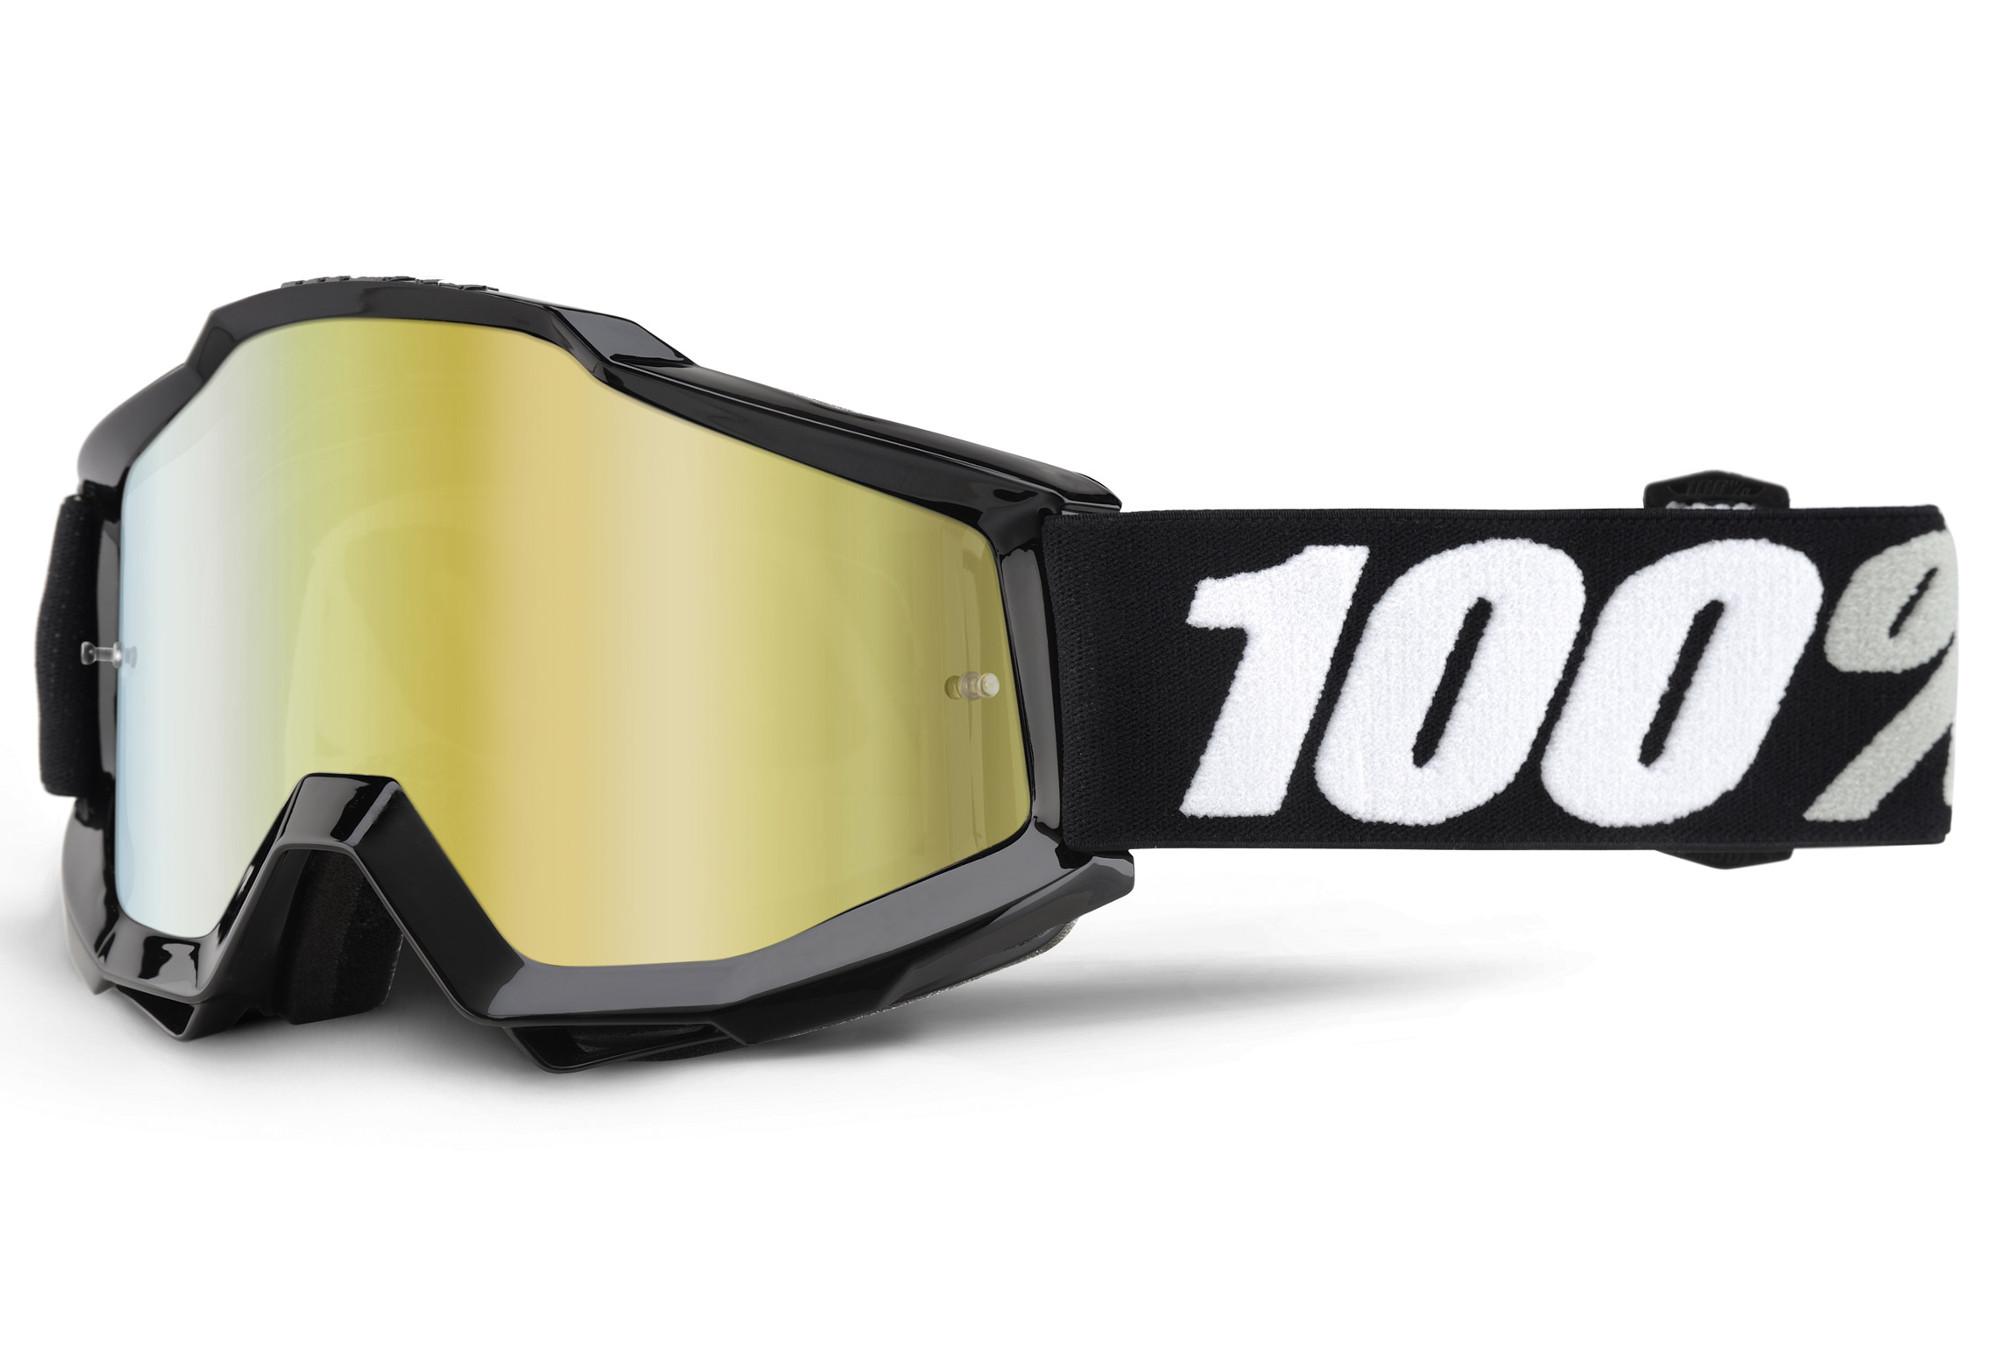 100% Masque Accuri Tornado Ecran Miroir Or 2018 4Rtr5I